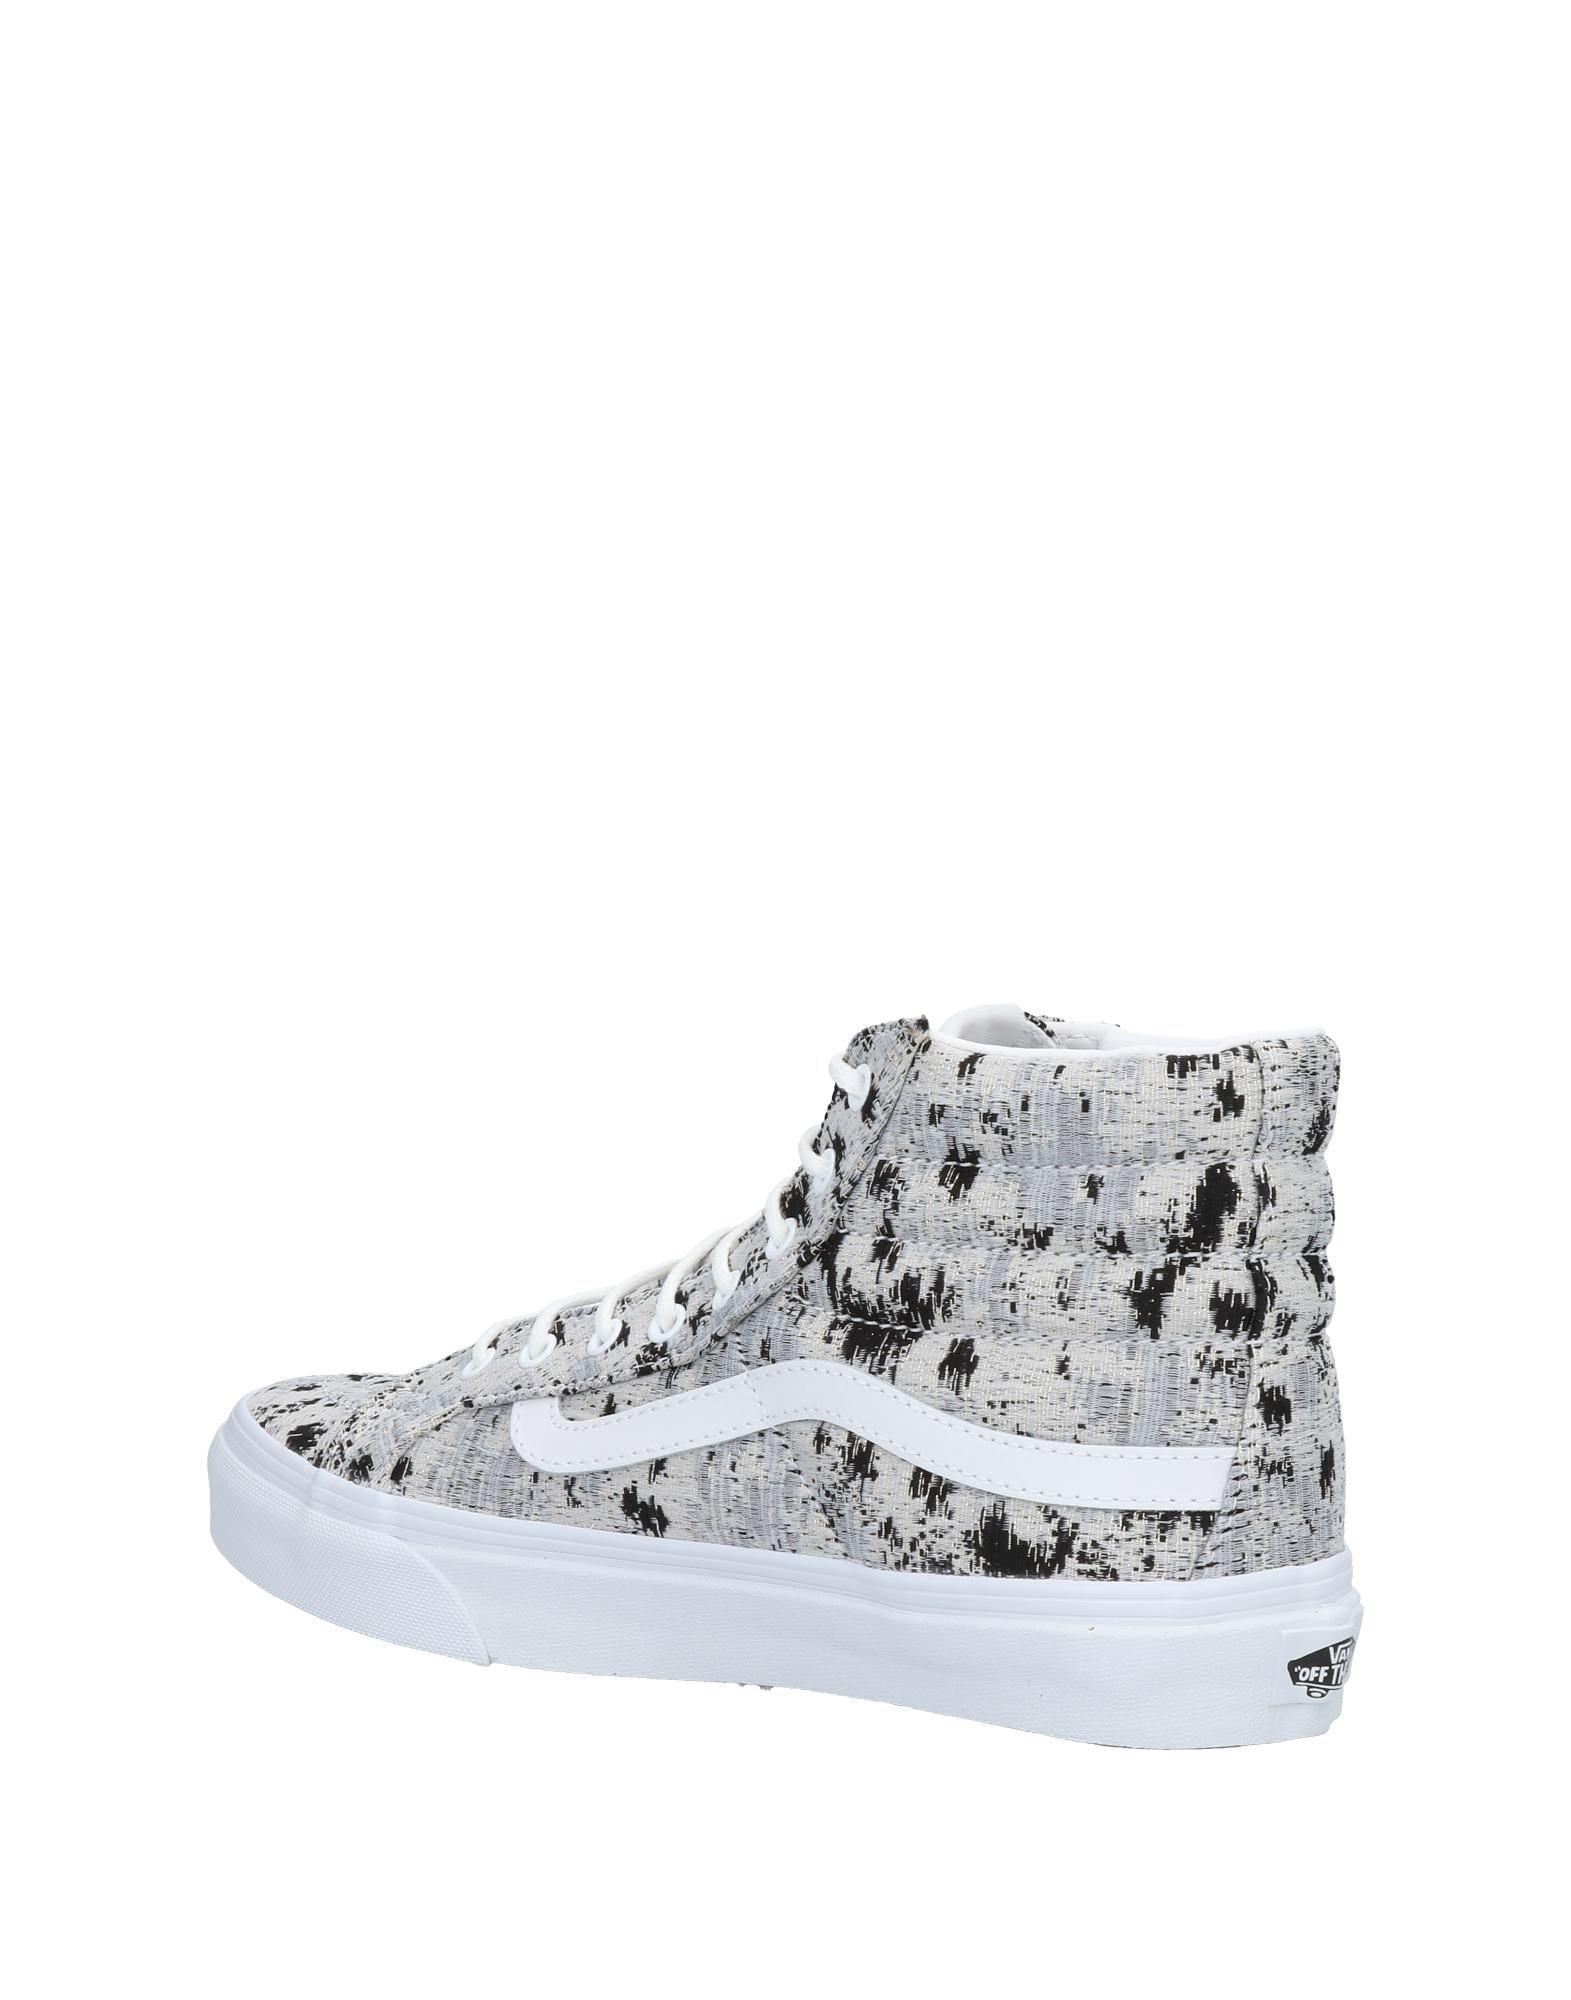 Vans Sneakers Damen Gutes Preis-Leistungs-Verhältnis, Preis-Leistungs-Verhältnis, Preis-Leistungs-Verhältnis, es lohnt sich 8ffa4a